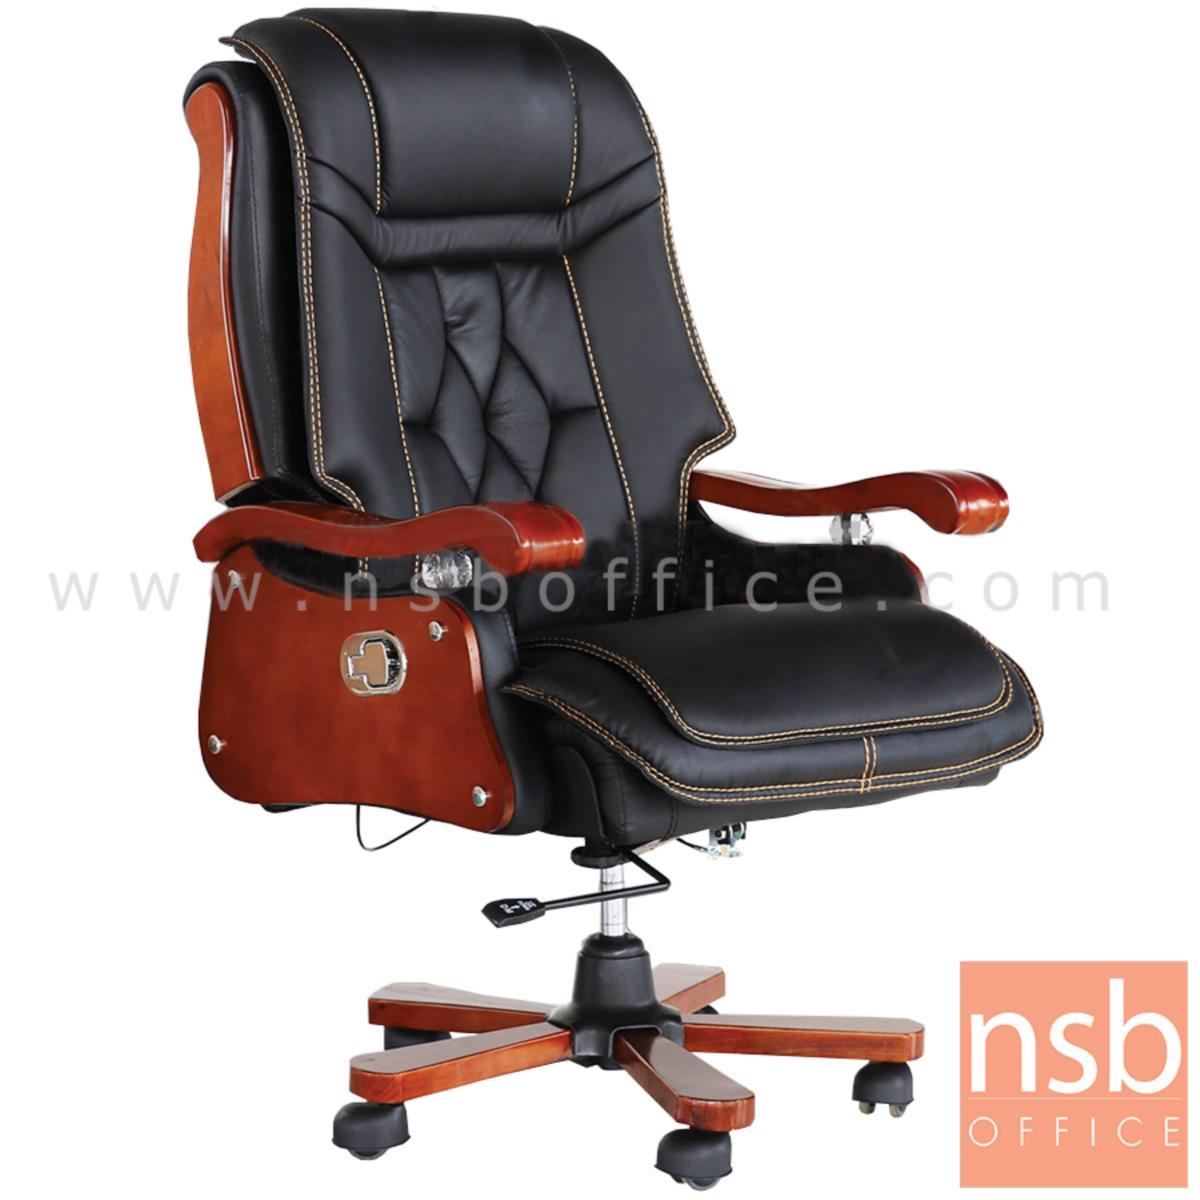 B25A106:เก้าอี้ผู้บริหารหนังแท้ รุ่น Shaw (ชอว์)  โช๊คแก๊ส มีก้อนโยก ขาไม้